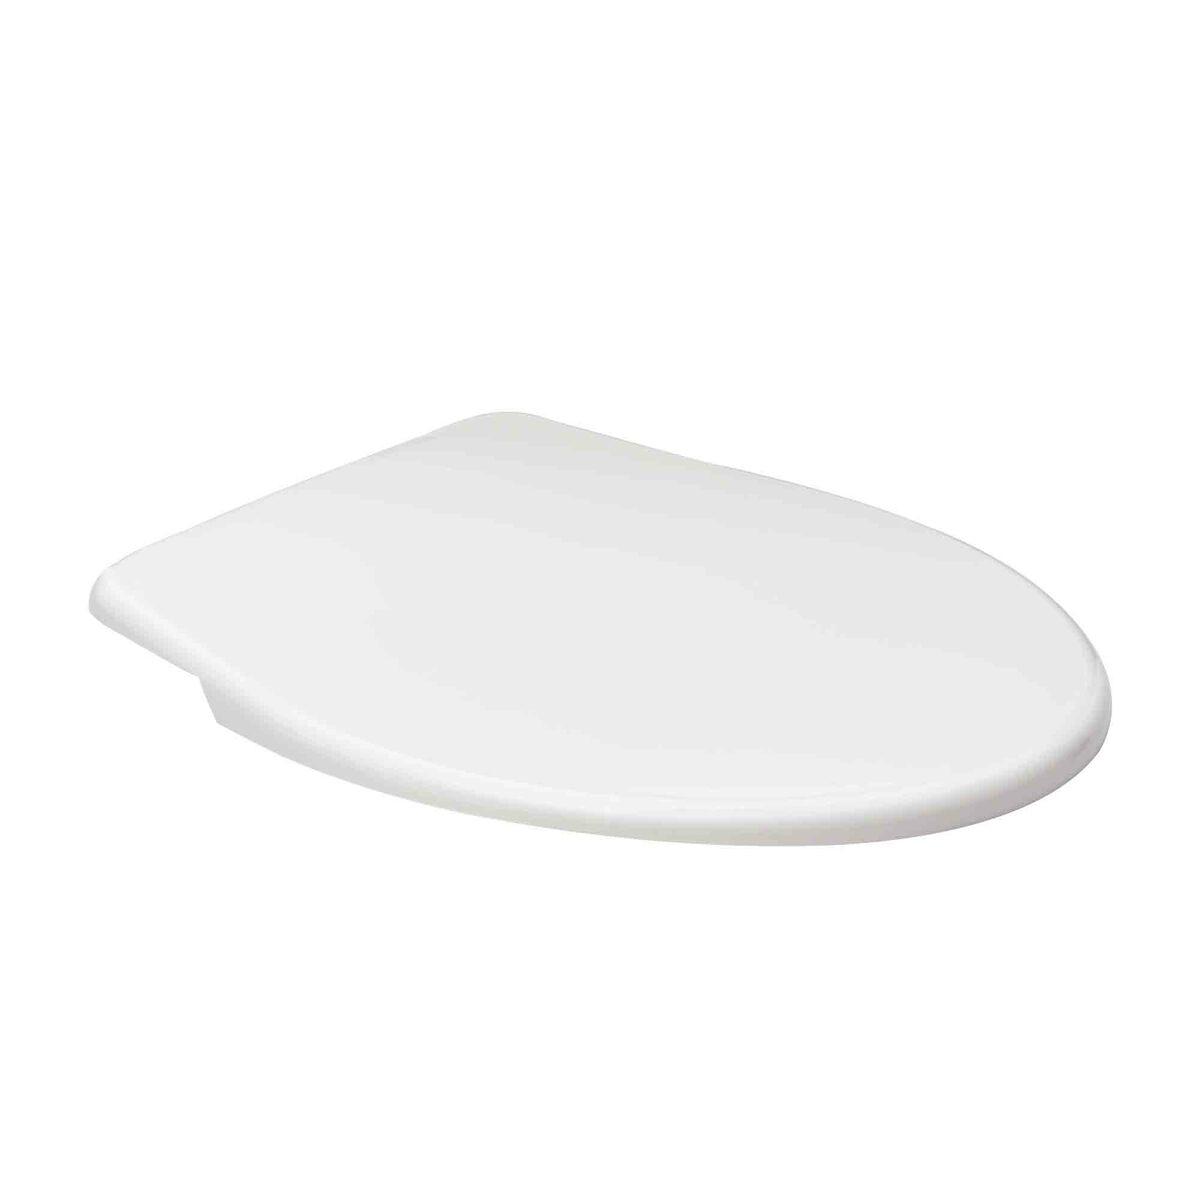 WC prkénko Multi thermoplast bílá 3551